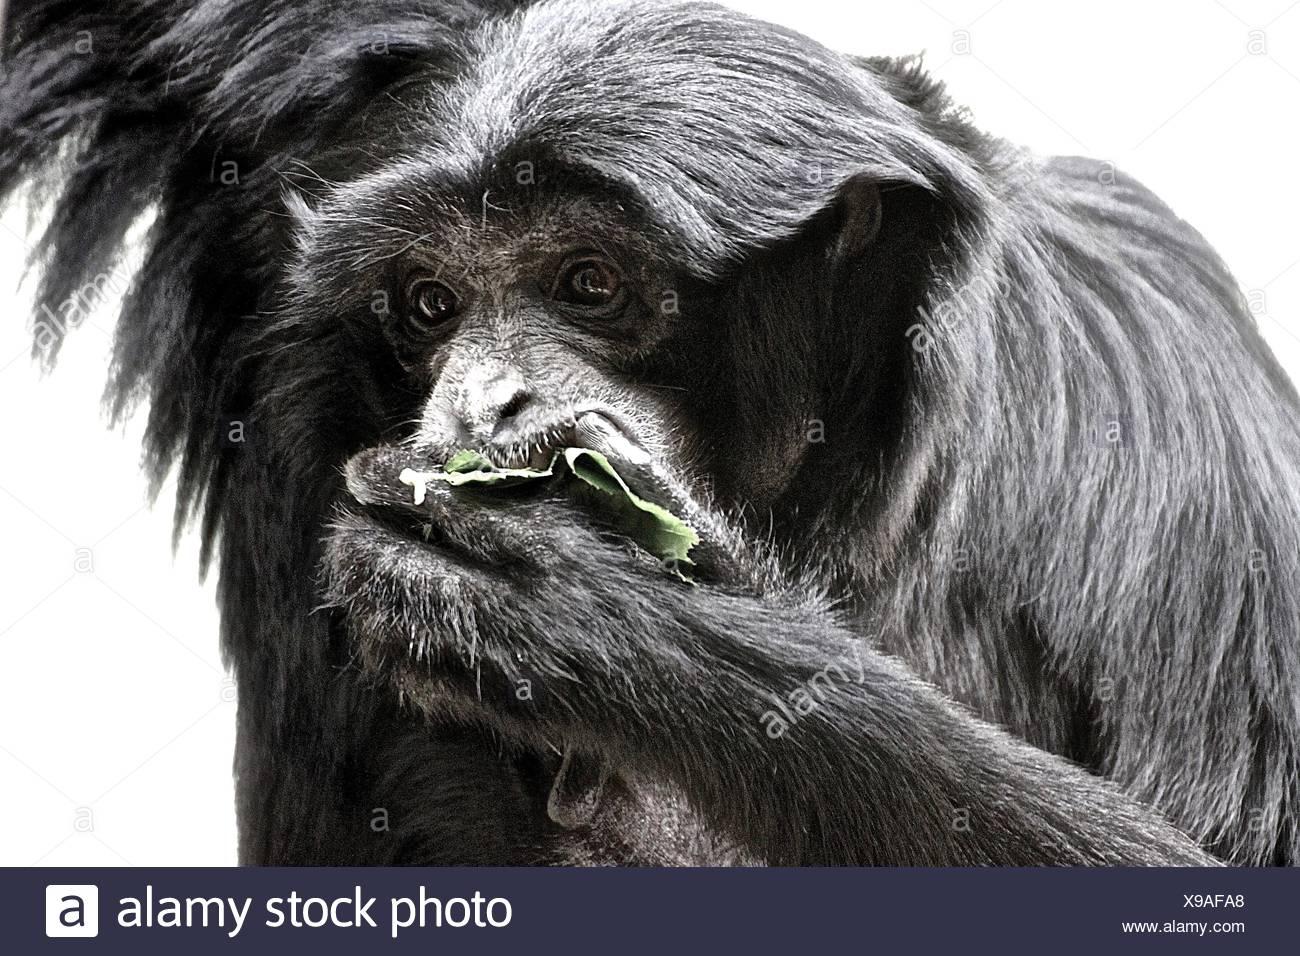 Monkey Feeding At Zoo - Stock Image